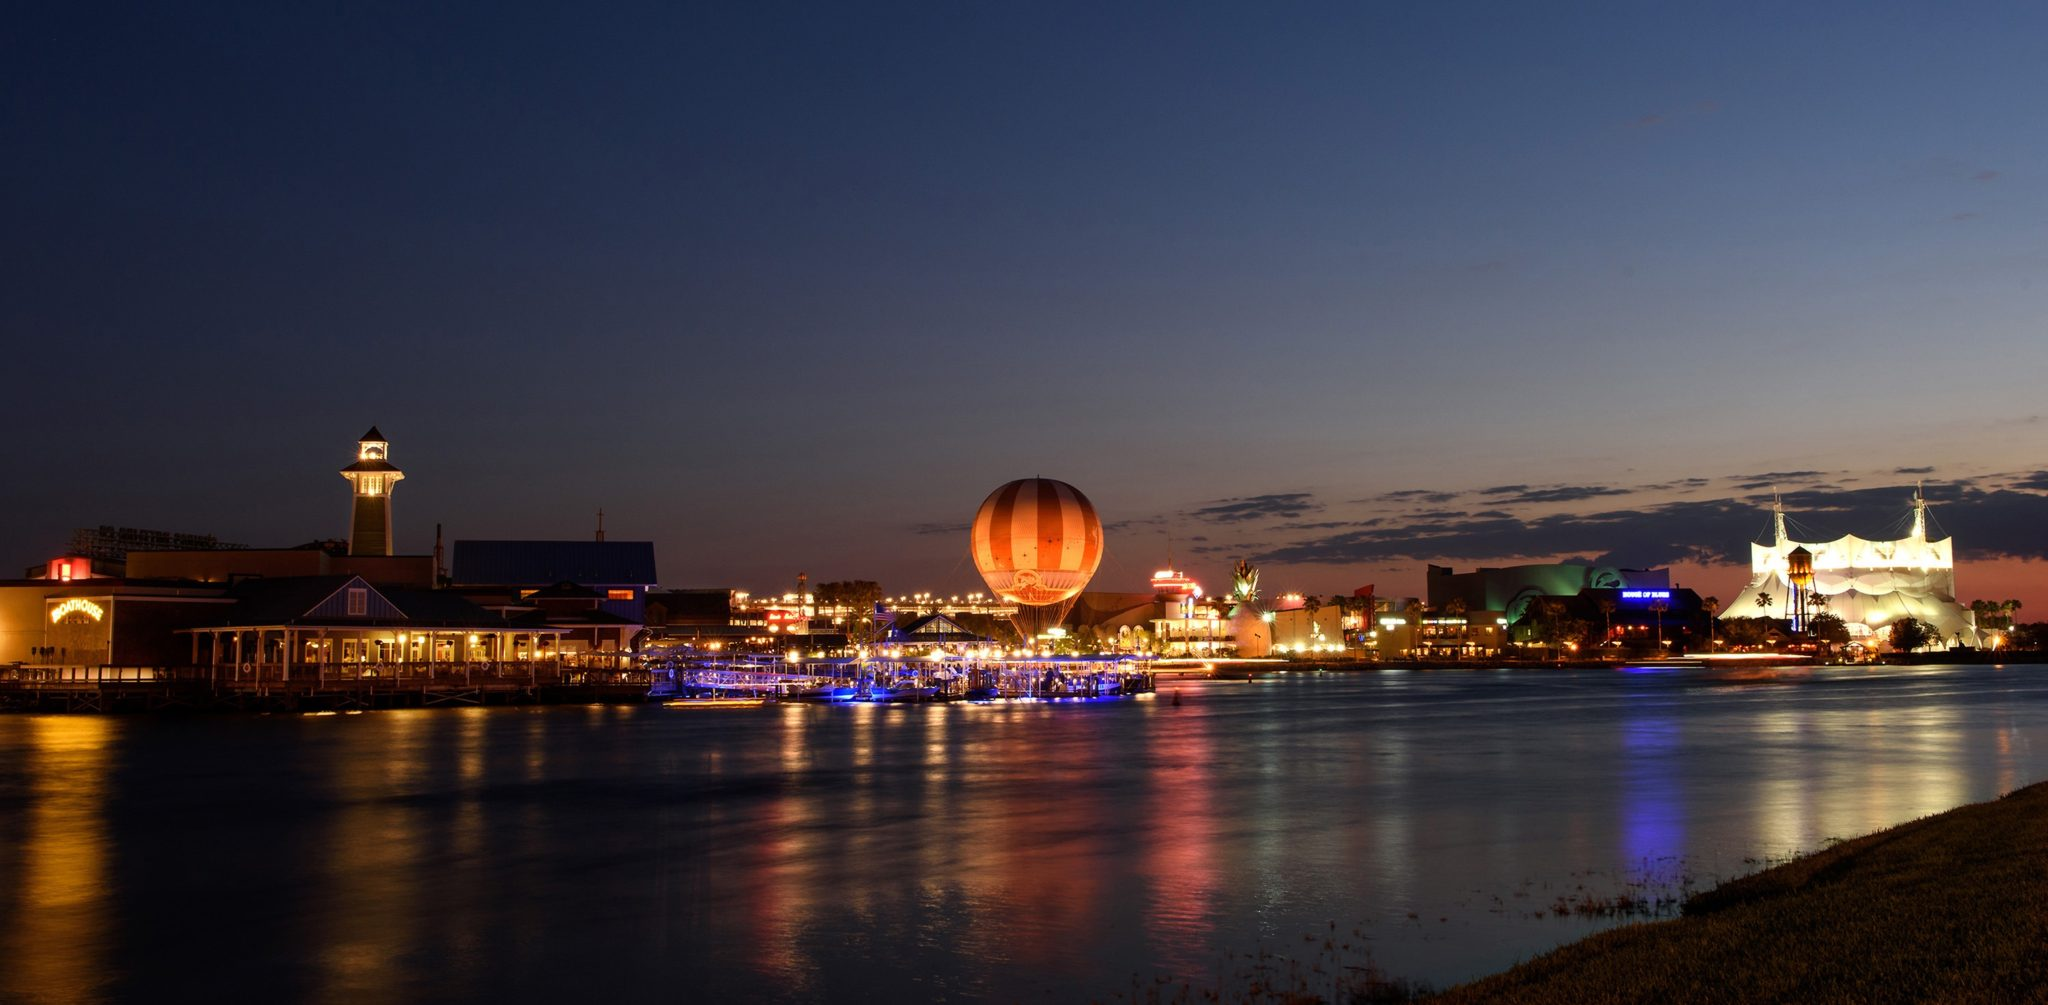 ©Todd Anderson, Disney